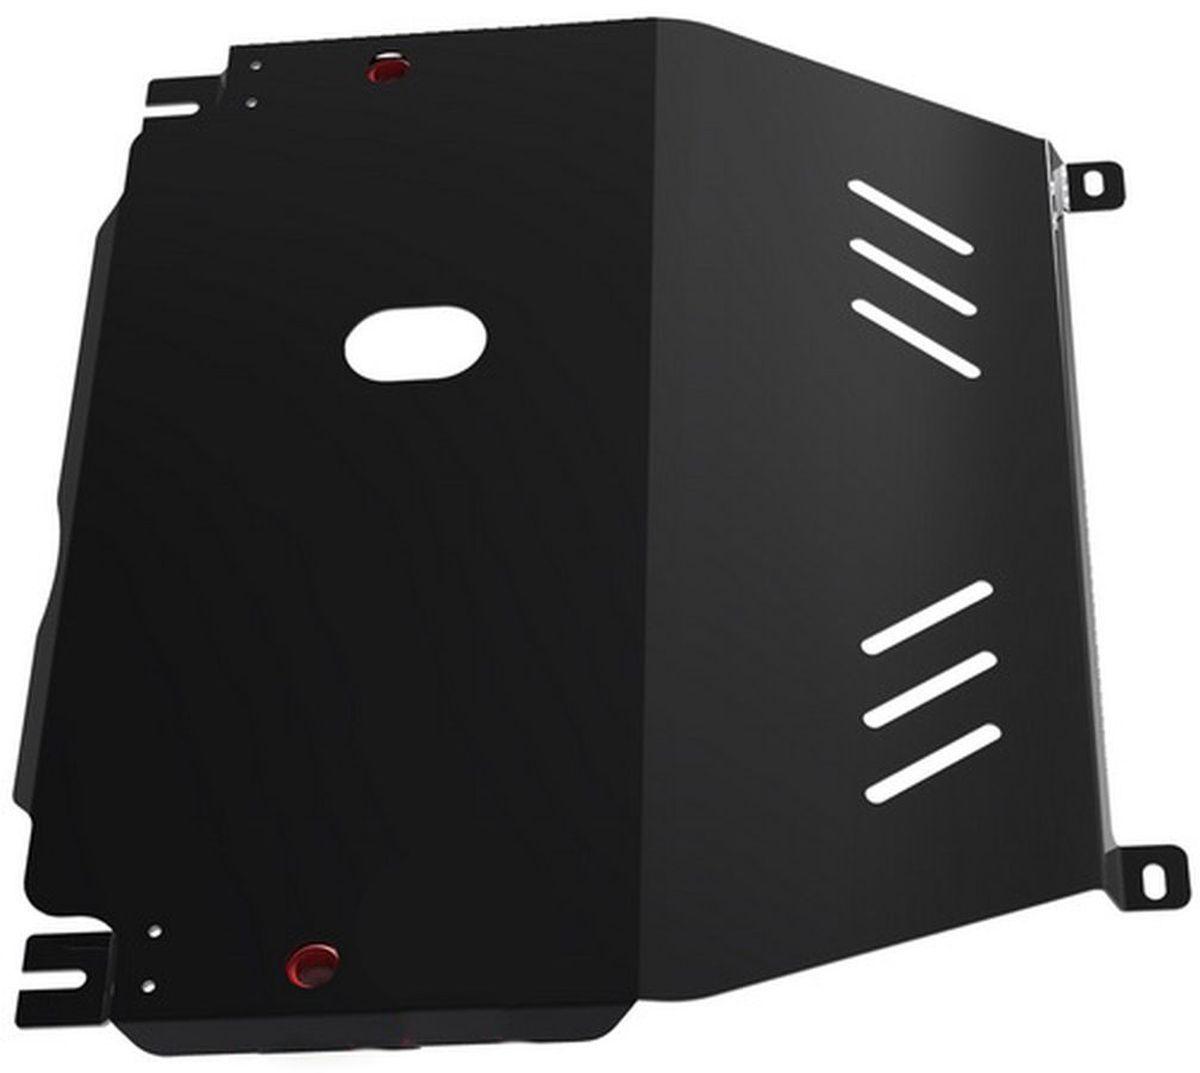 Защита картера и КПП Автоброня, для Chevrolet Aveo. 1.01015.1S03301004Технологически совершенный продукт за невысокую стоимость.Защита разработана с учетом особенностей днища автомобиля, что позволяет сохранить дорожный просвет с минимальным изменением.Защита устанавливается в штатные места кузова автомобиля. Глубокий штамп обеспечивает до двух раз больше жесткости в сравнении с обычной защитой той же толщины. Проштампованные ребра жесткости препятствуют деформации защиты при ударах.Тепловой зазор и вентиляционные отверстия обеспечивают сохранение температурного режима двигателя в норме. Скрытый крепеж предотвращает срыв крепежных элементов при наезде на препятствие.Шумопоглощающие резиновые элементы обеспечивают комфортную езду без вибраций и скрежета металла, а съемные лючки для слива масла и замены фильтра - экономию средств и время.Конструкция изделия не влияет на пассивную безопасность автомобиля (при ударе защита не воздействует на деформационные зоны кузова). Со штатным крепежом. В комплекте инструкция по установке.Толщина стали: 2 мм.